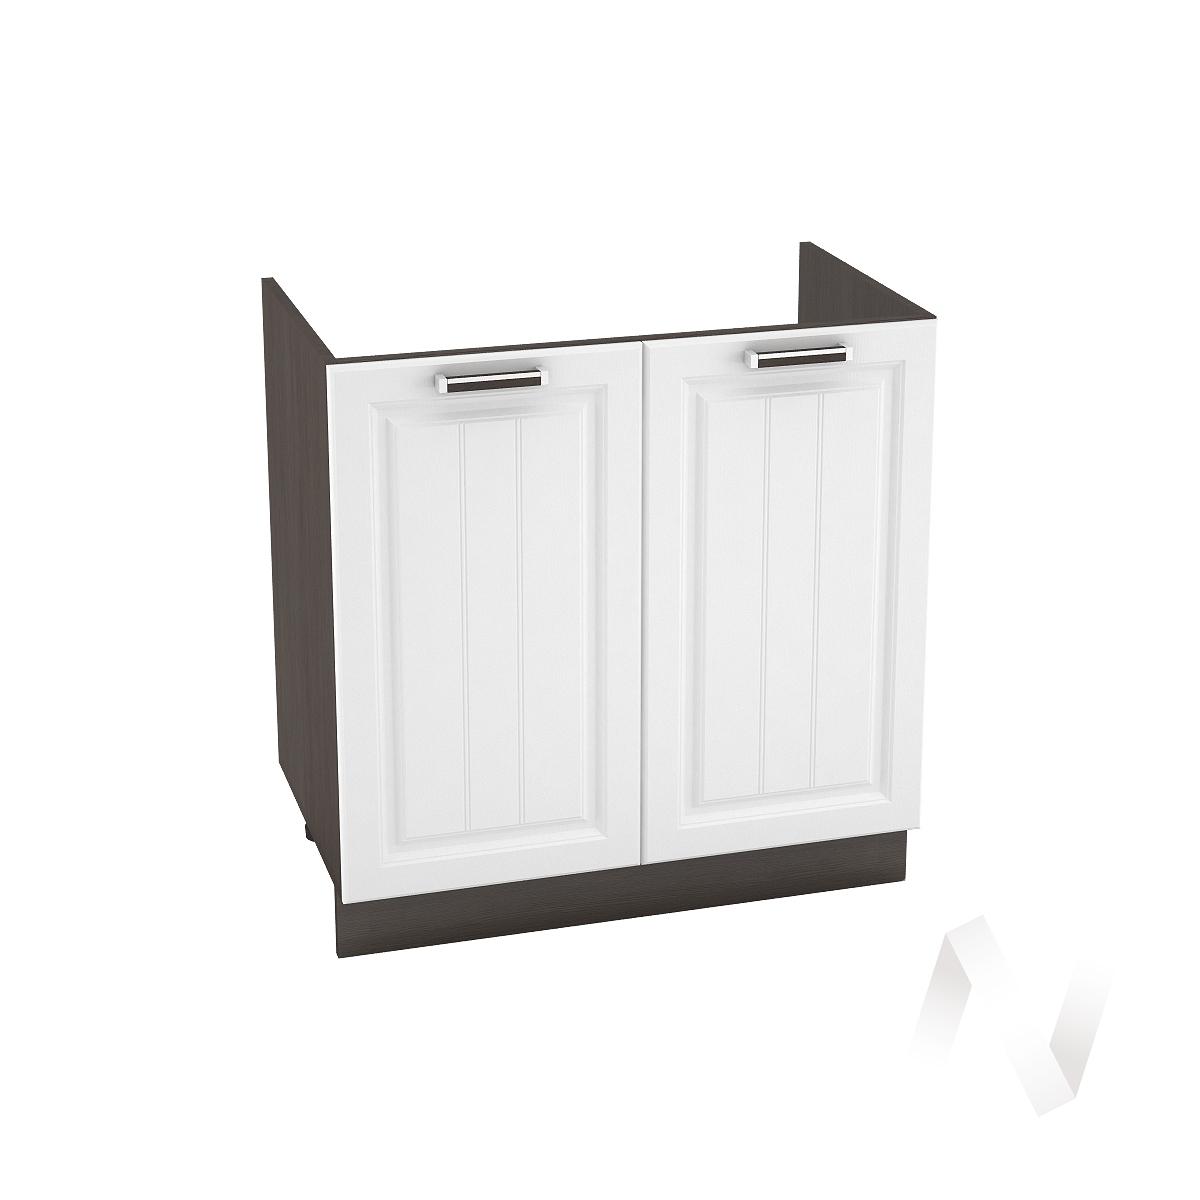 """Купить кухня """"прага"""": шкаф нижний под мойку 800, шнм 800 (белое дерево/корпус венге) в Новосибирске в интернет-магазине Мебель плюс Техника"""